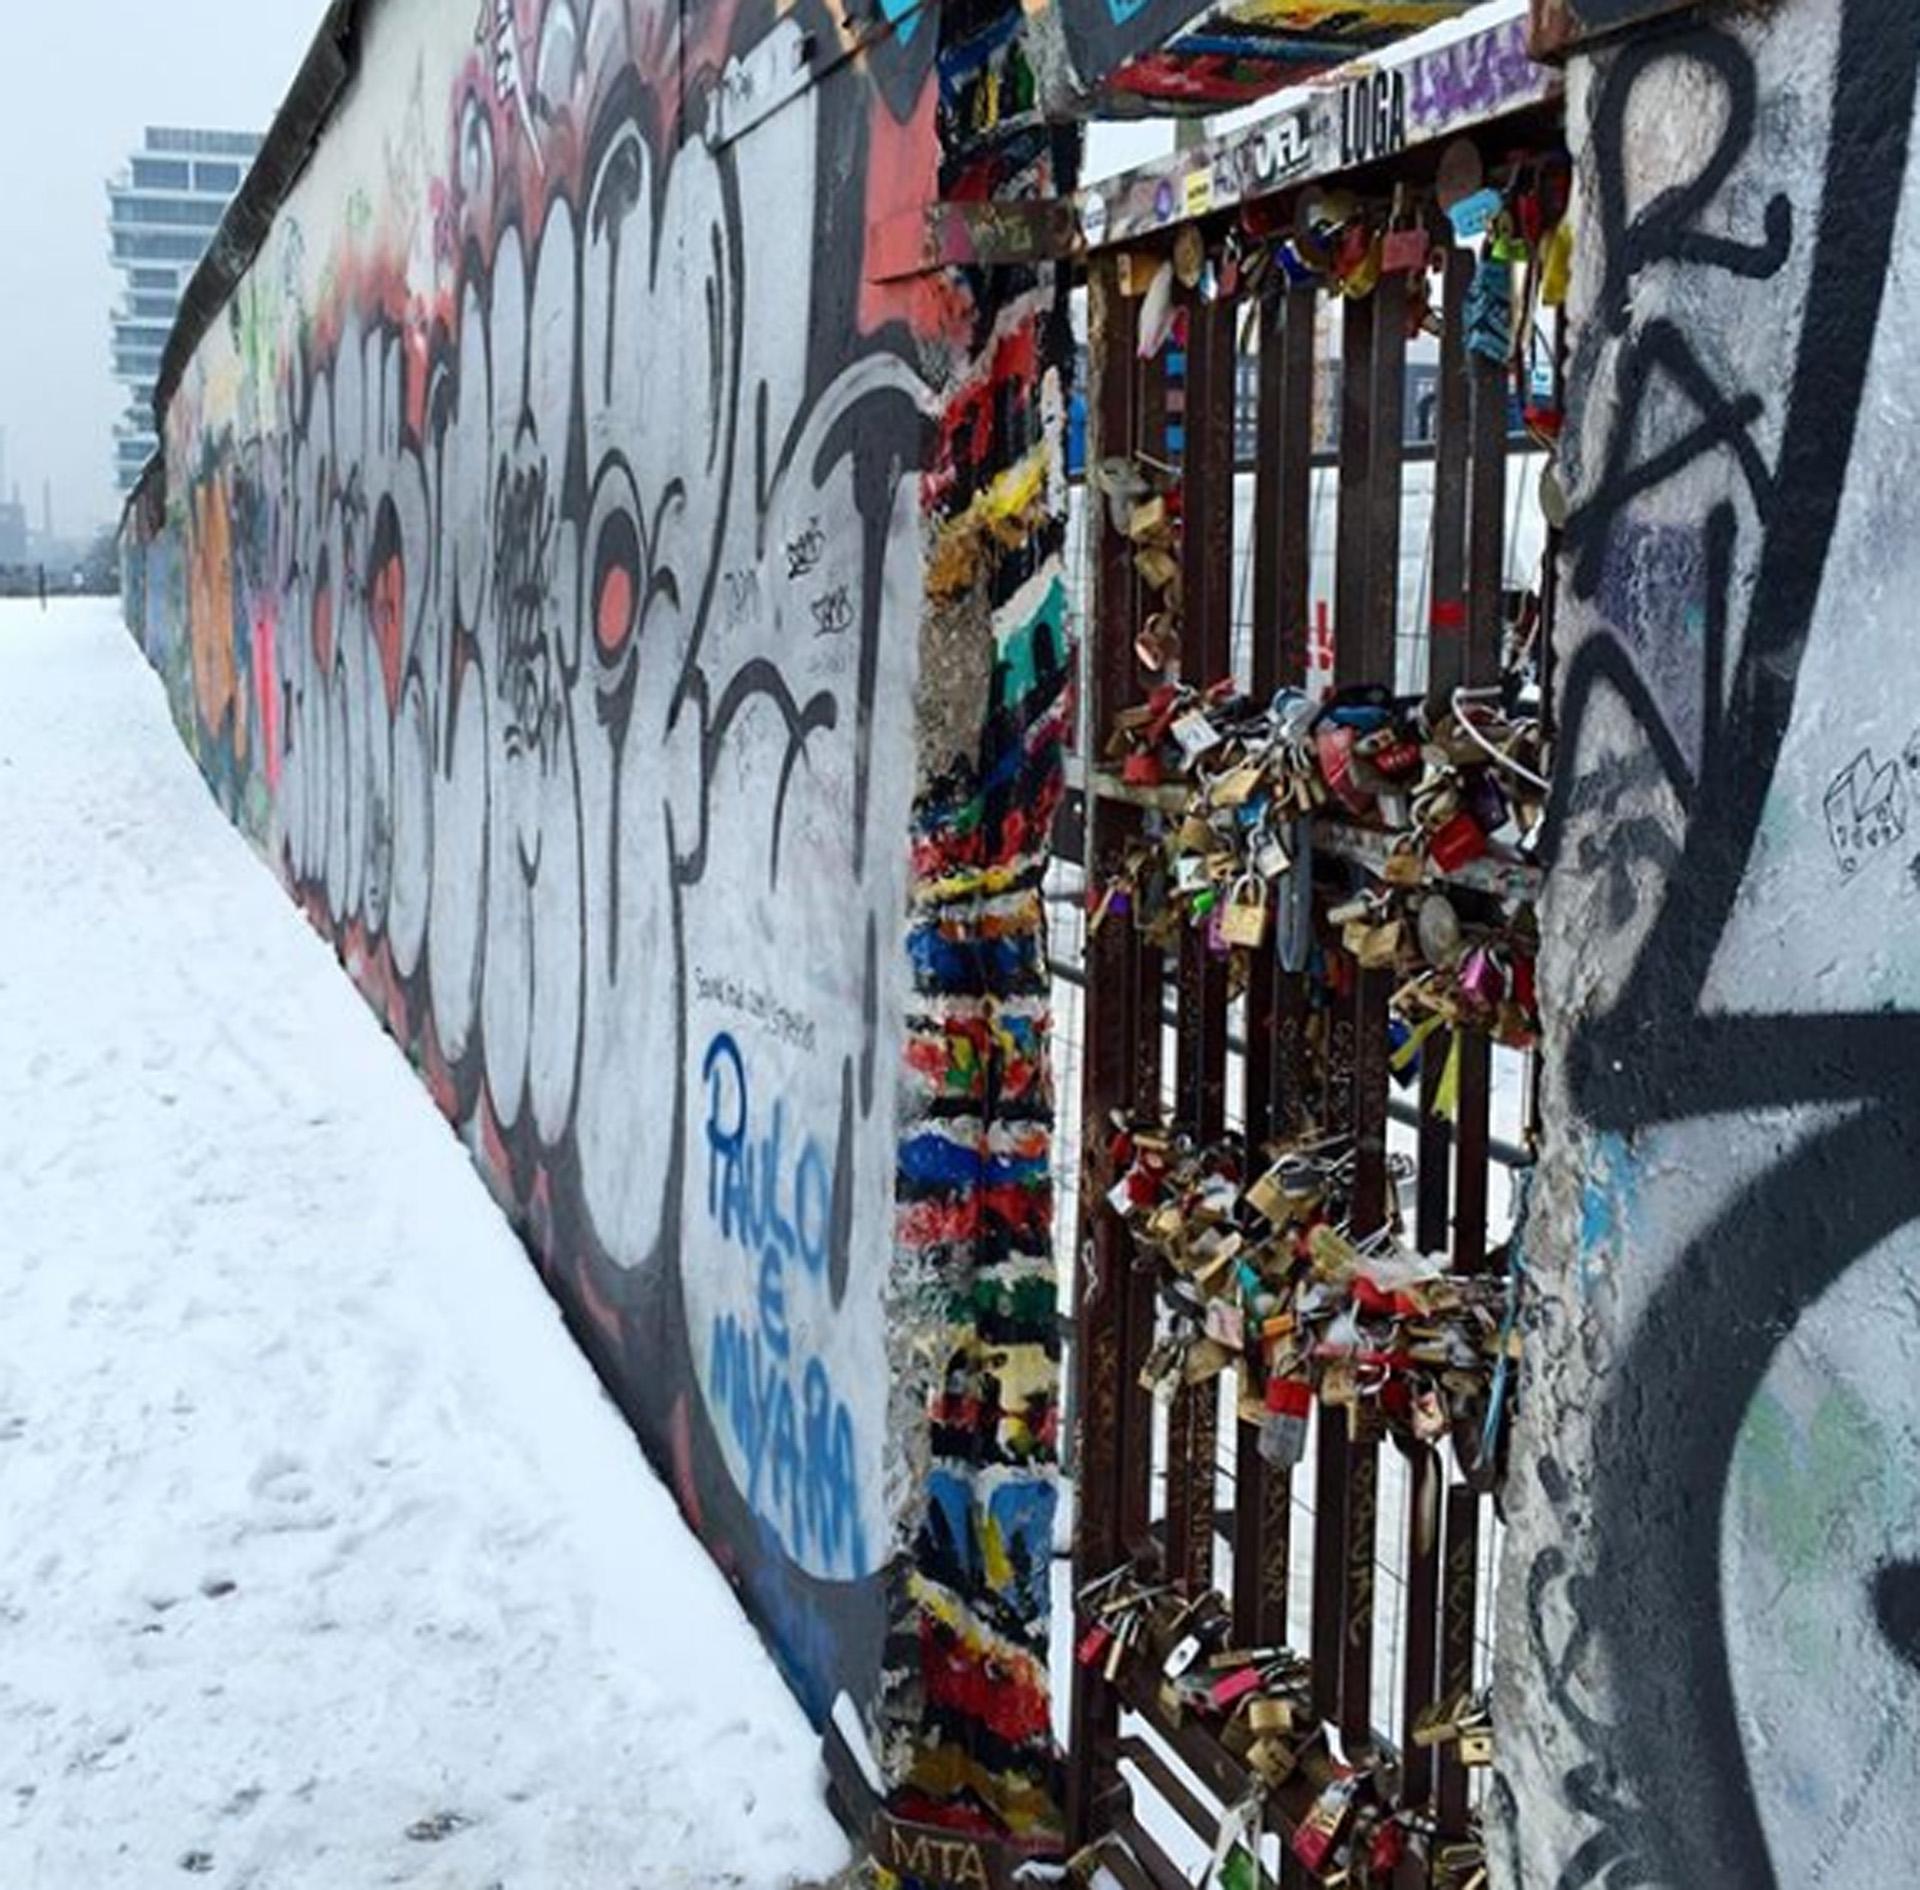 Los candados que quitaron del #pointdesarts de París llegaron al #murodeberlin #thewall